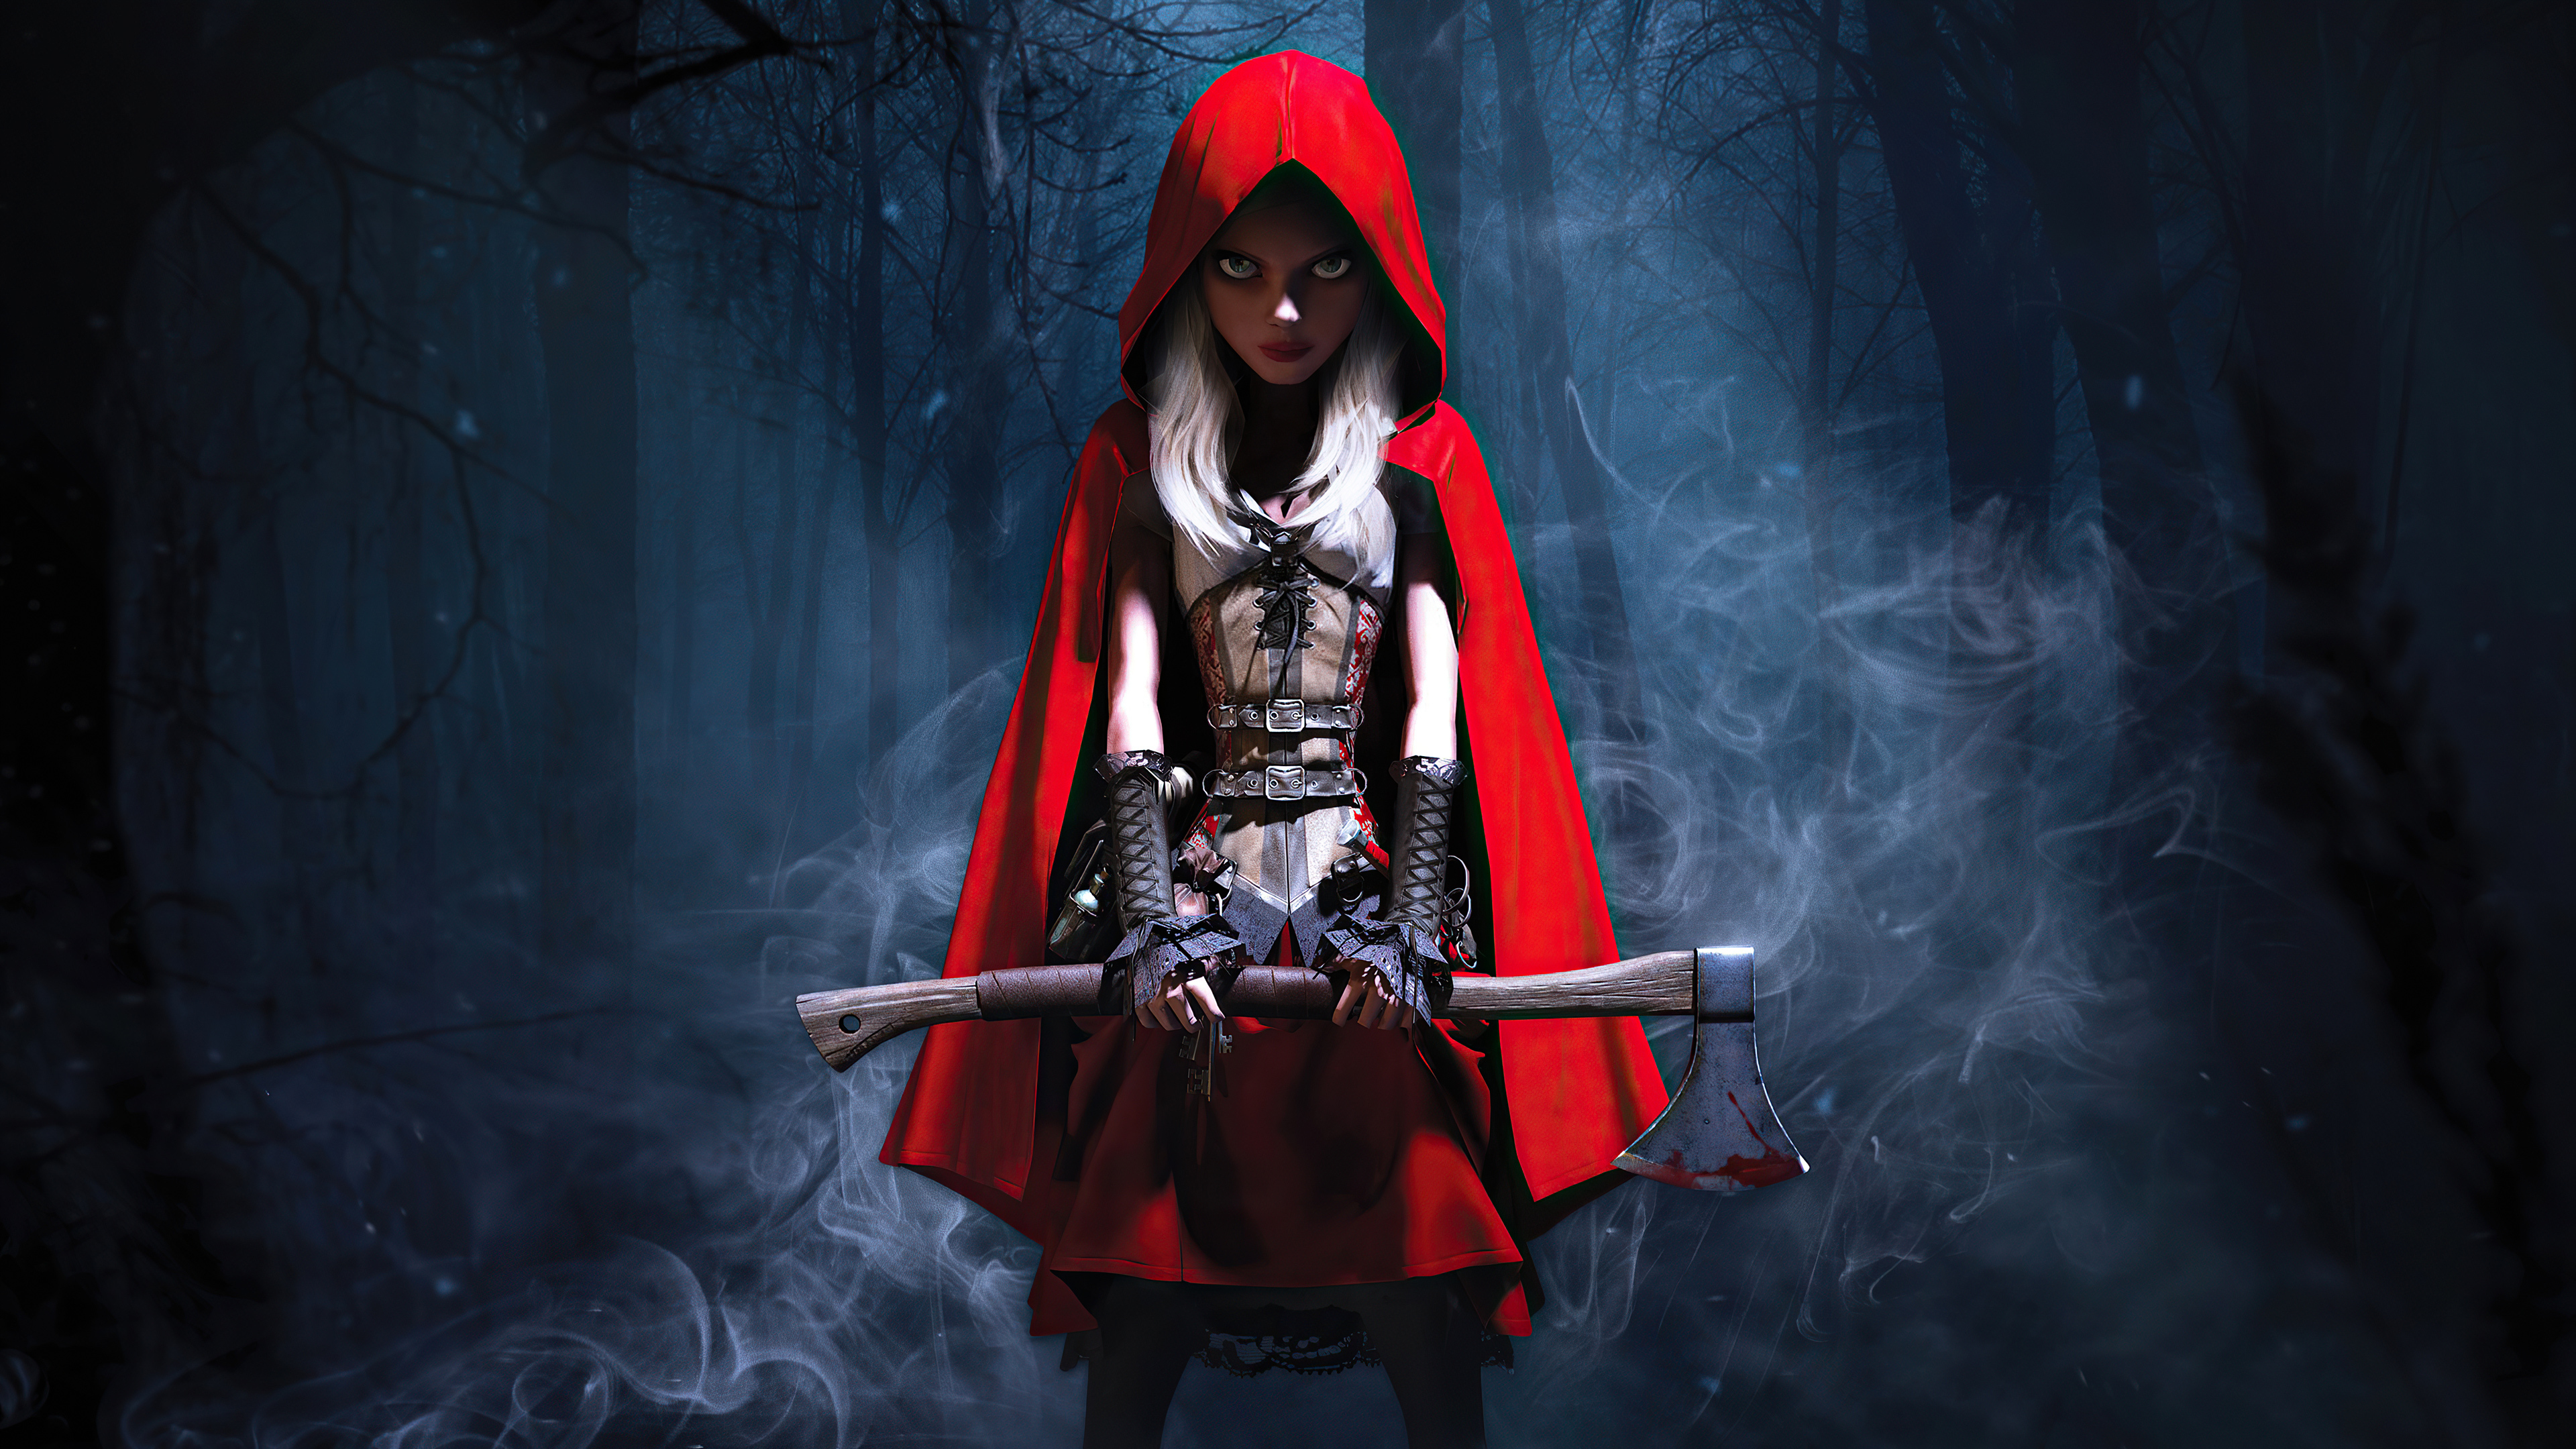 3840x2160 Woolfe The Red Hood Diaries 4k HD 4k Wallpapers ...